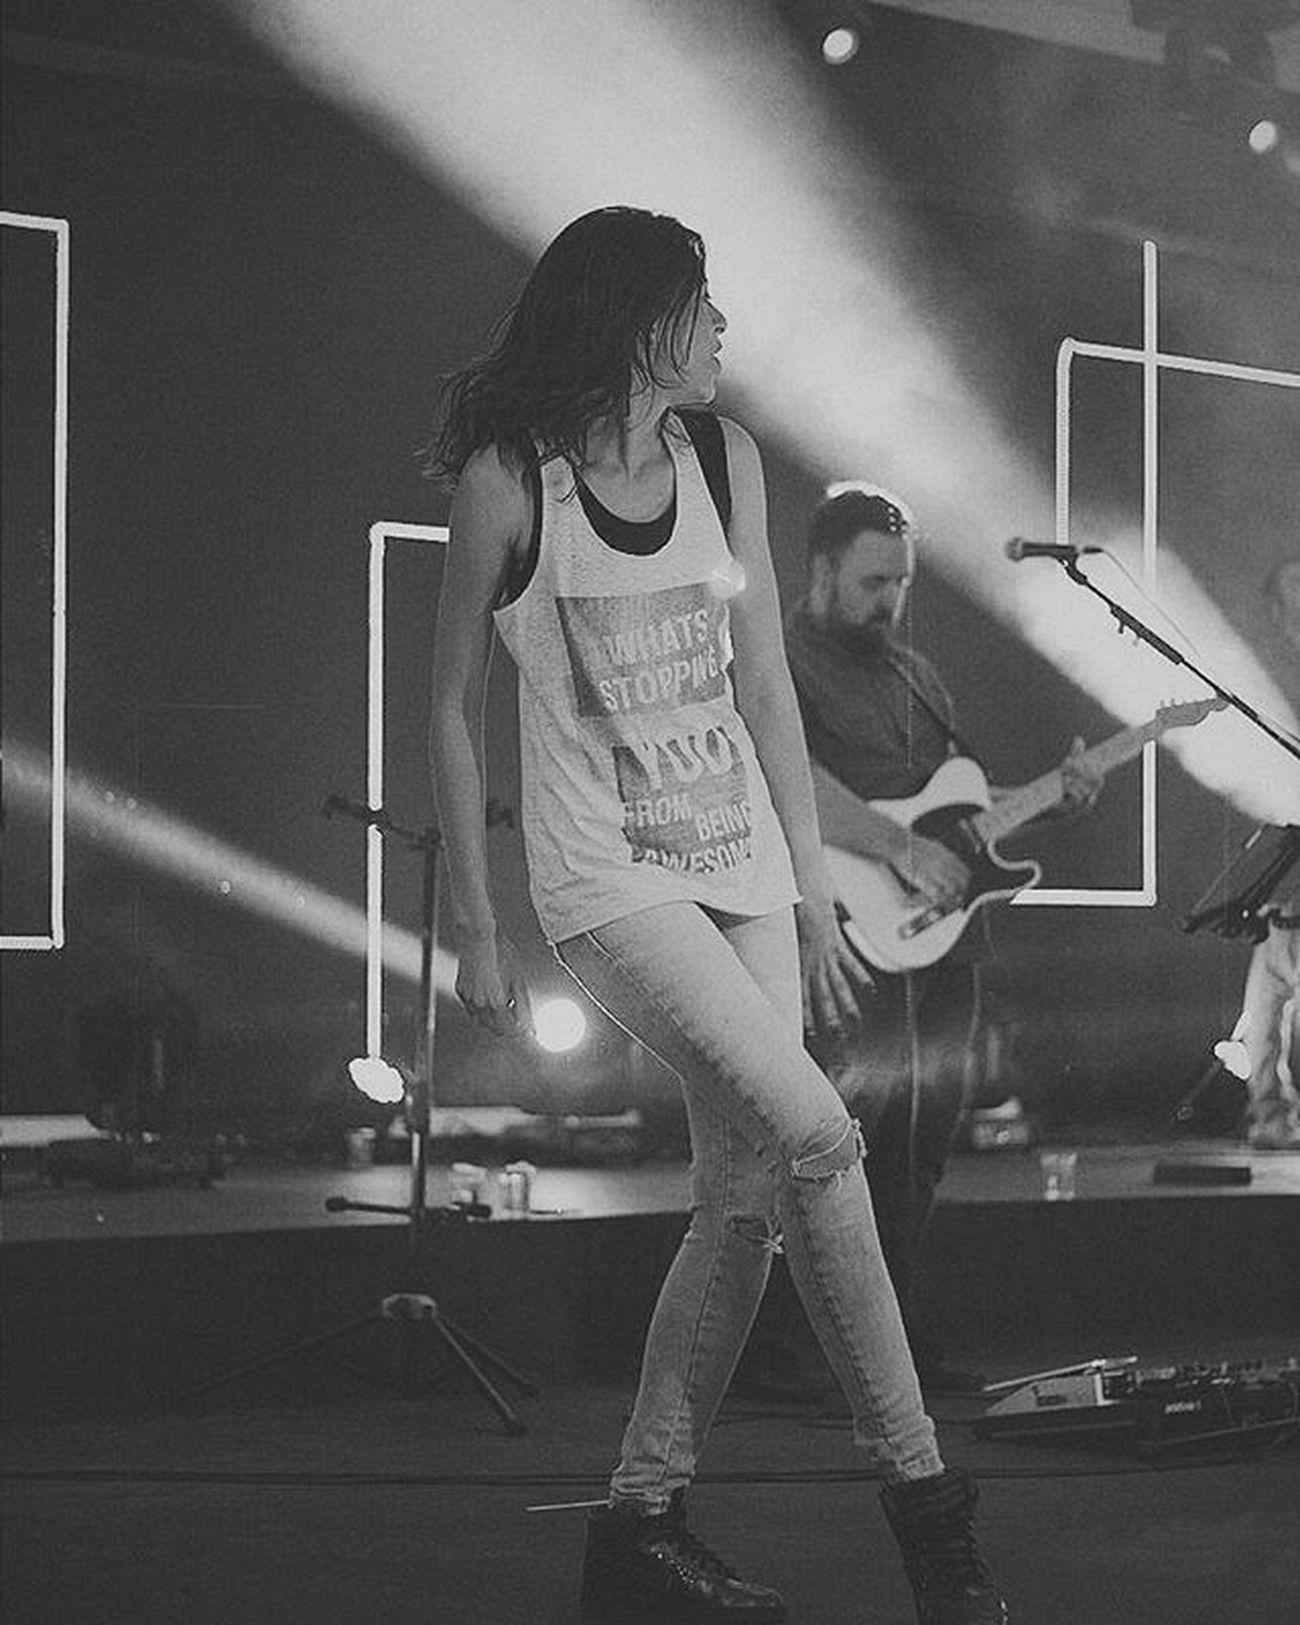 Tá aí uma das coisas que eu mais amo fazer: Dançar! ❤ Diainternacionaldadança Dance God Love Worship